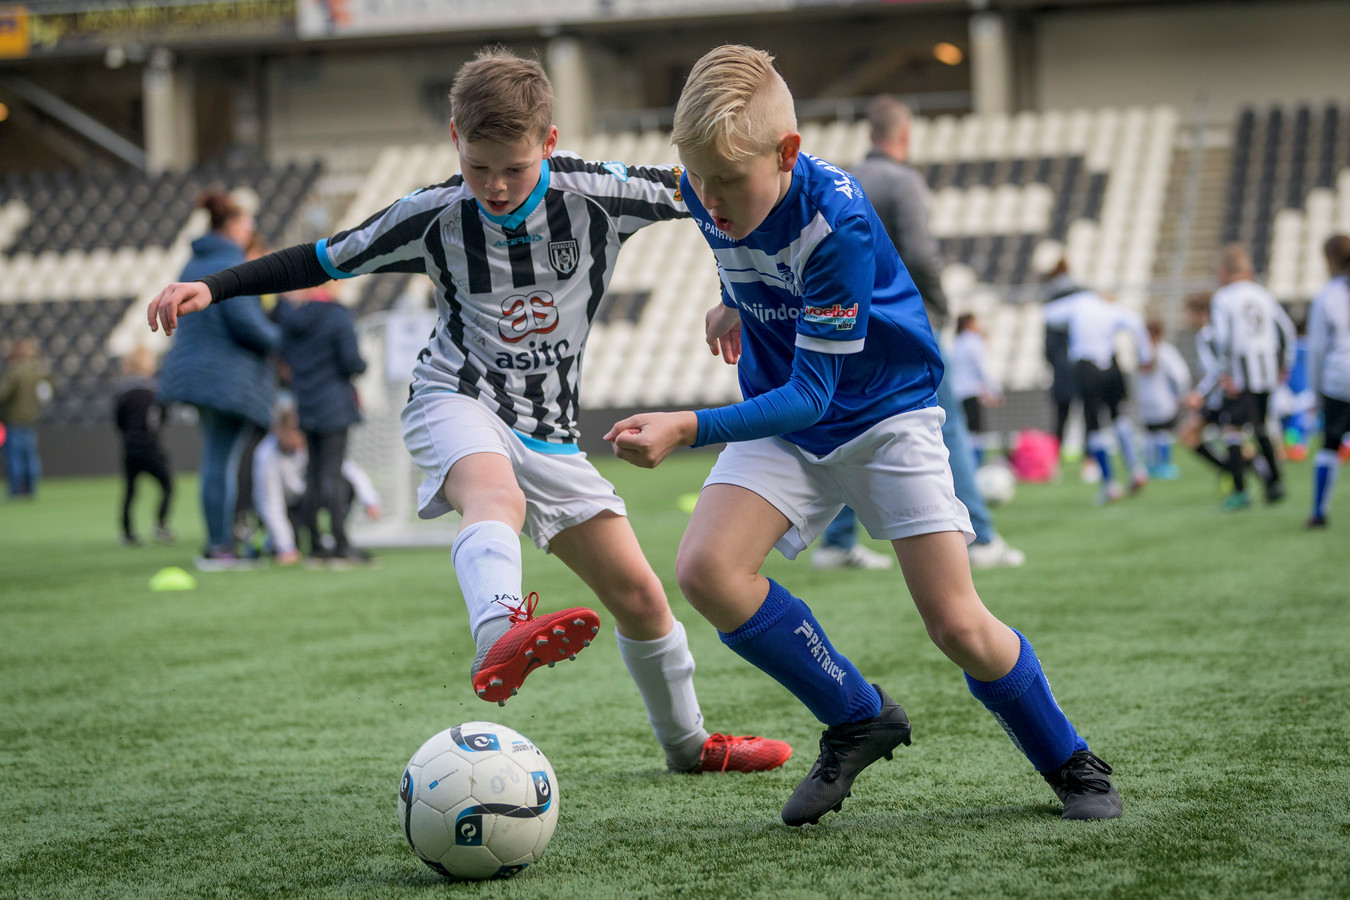 Heracles Almelo organiseert de eerste editie van de Herakids Cup, een nieuw 4 tegen 4 voetbaltoernooi voor kinderen tussen de 5 en 12 jaar oud.